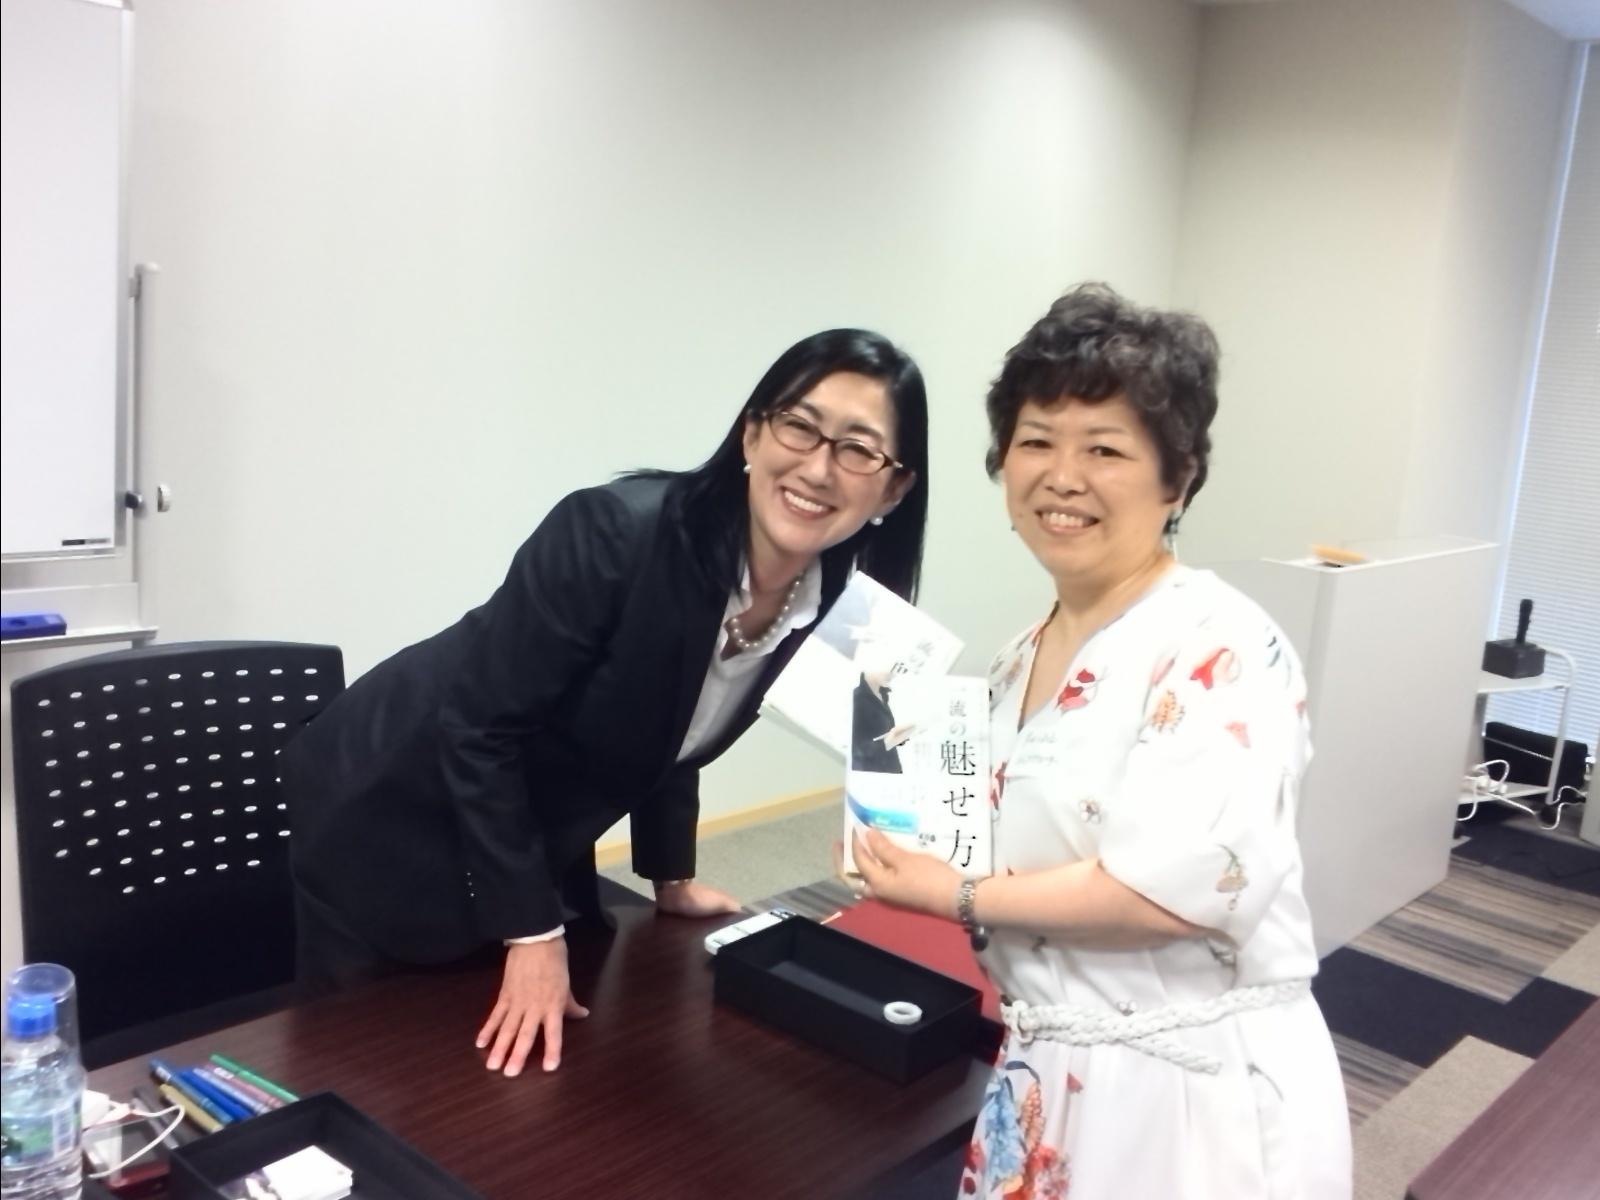 「女性選挙戦略家 鈴鹿久美子氏」の出版記念パーリィに行って来ました!_f0340942_23194915.jpg